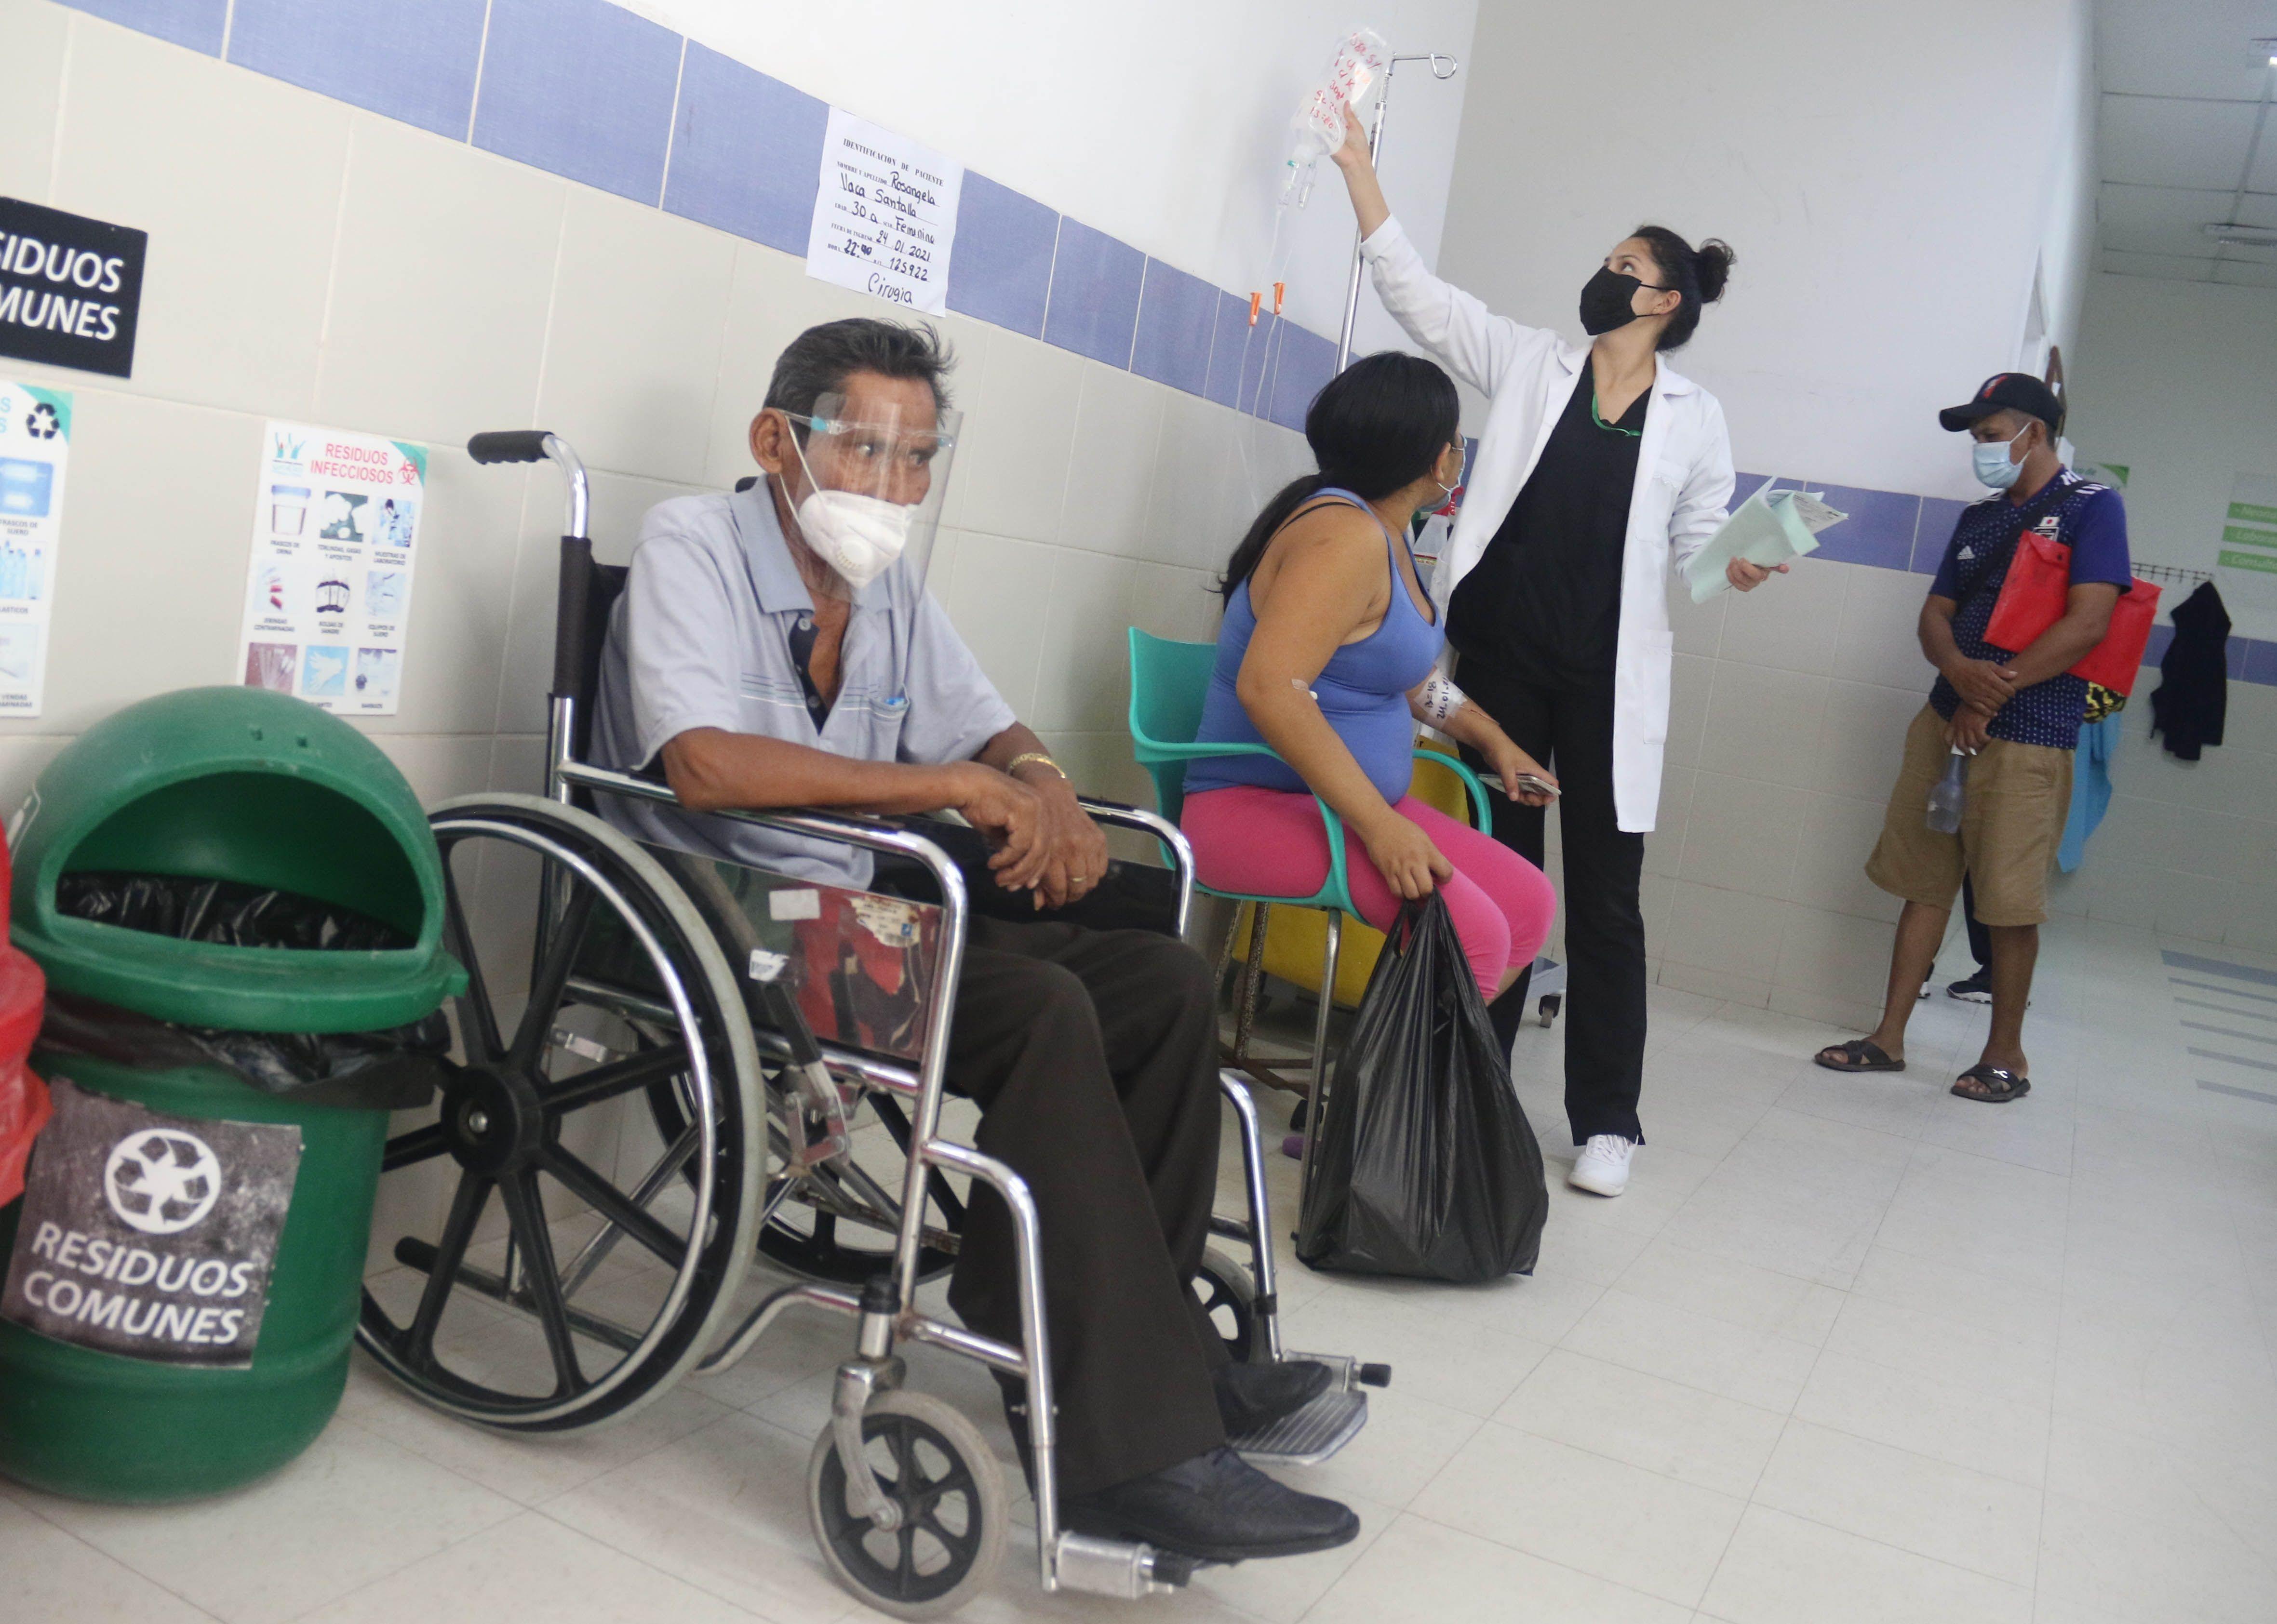 Pacientes son atendidos en los pasillos del Hospital El Bajío, el 25 de enero del 2021, en la ciudad de Santa Cruz Bolivia (Bolivia). EFE/Juan Carlos Torrejón/Archivo